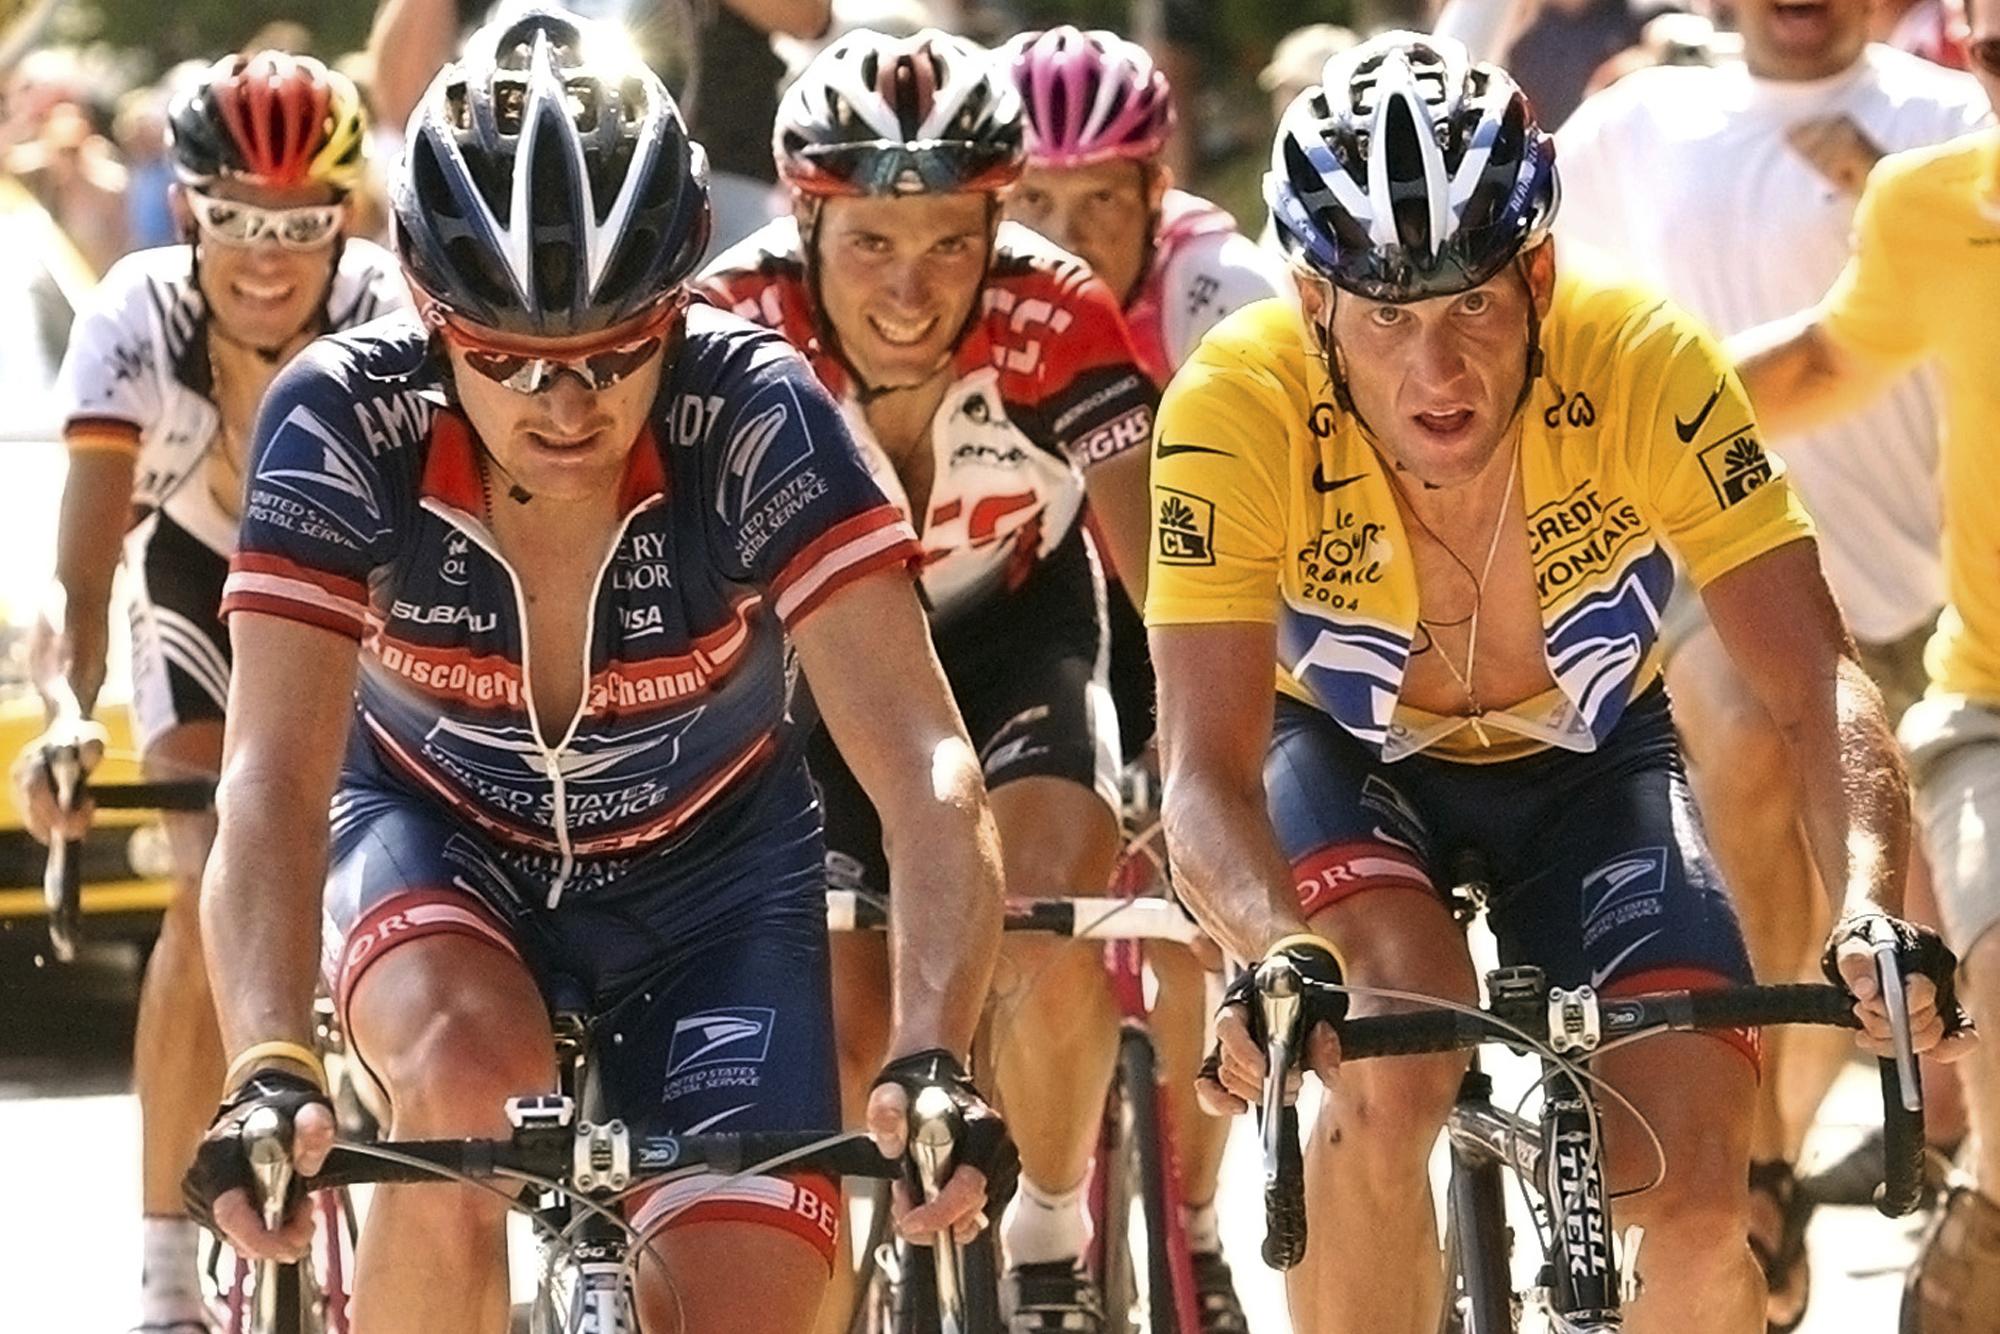 Photo: Floyd Landis Lance Armstrong Tour De France 2004